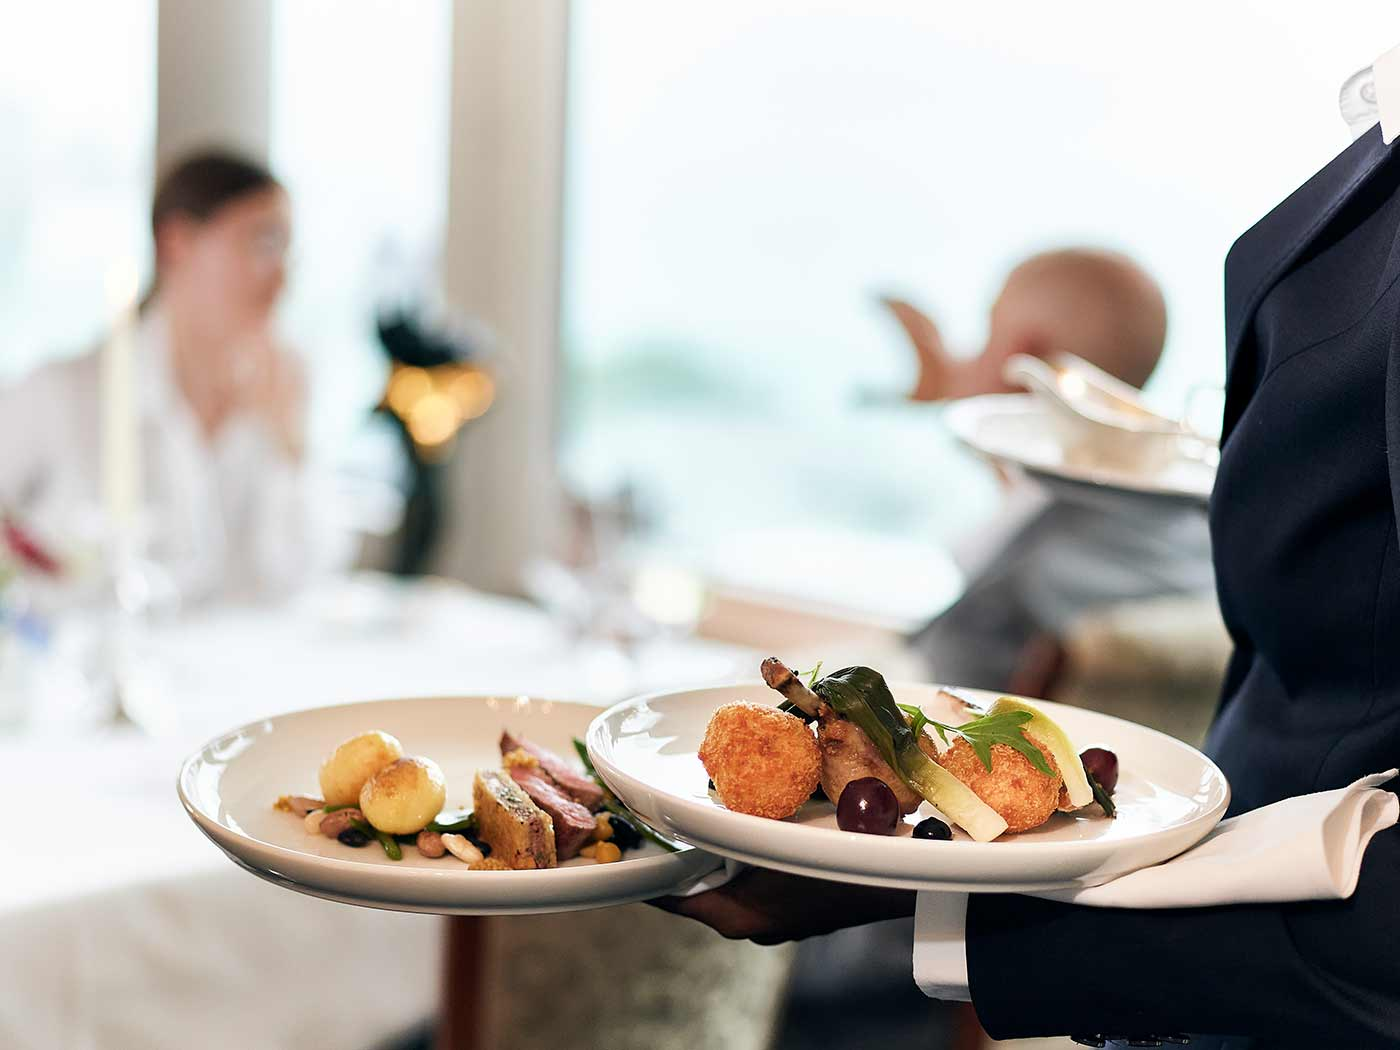 Restaurantbedienung bringt Teller zum Tisch